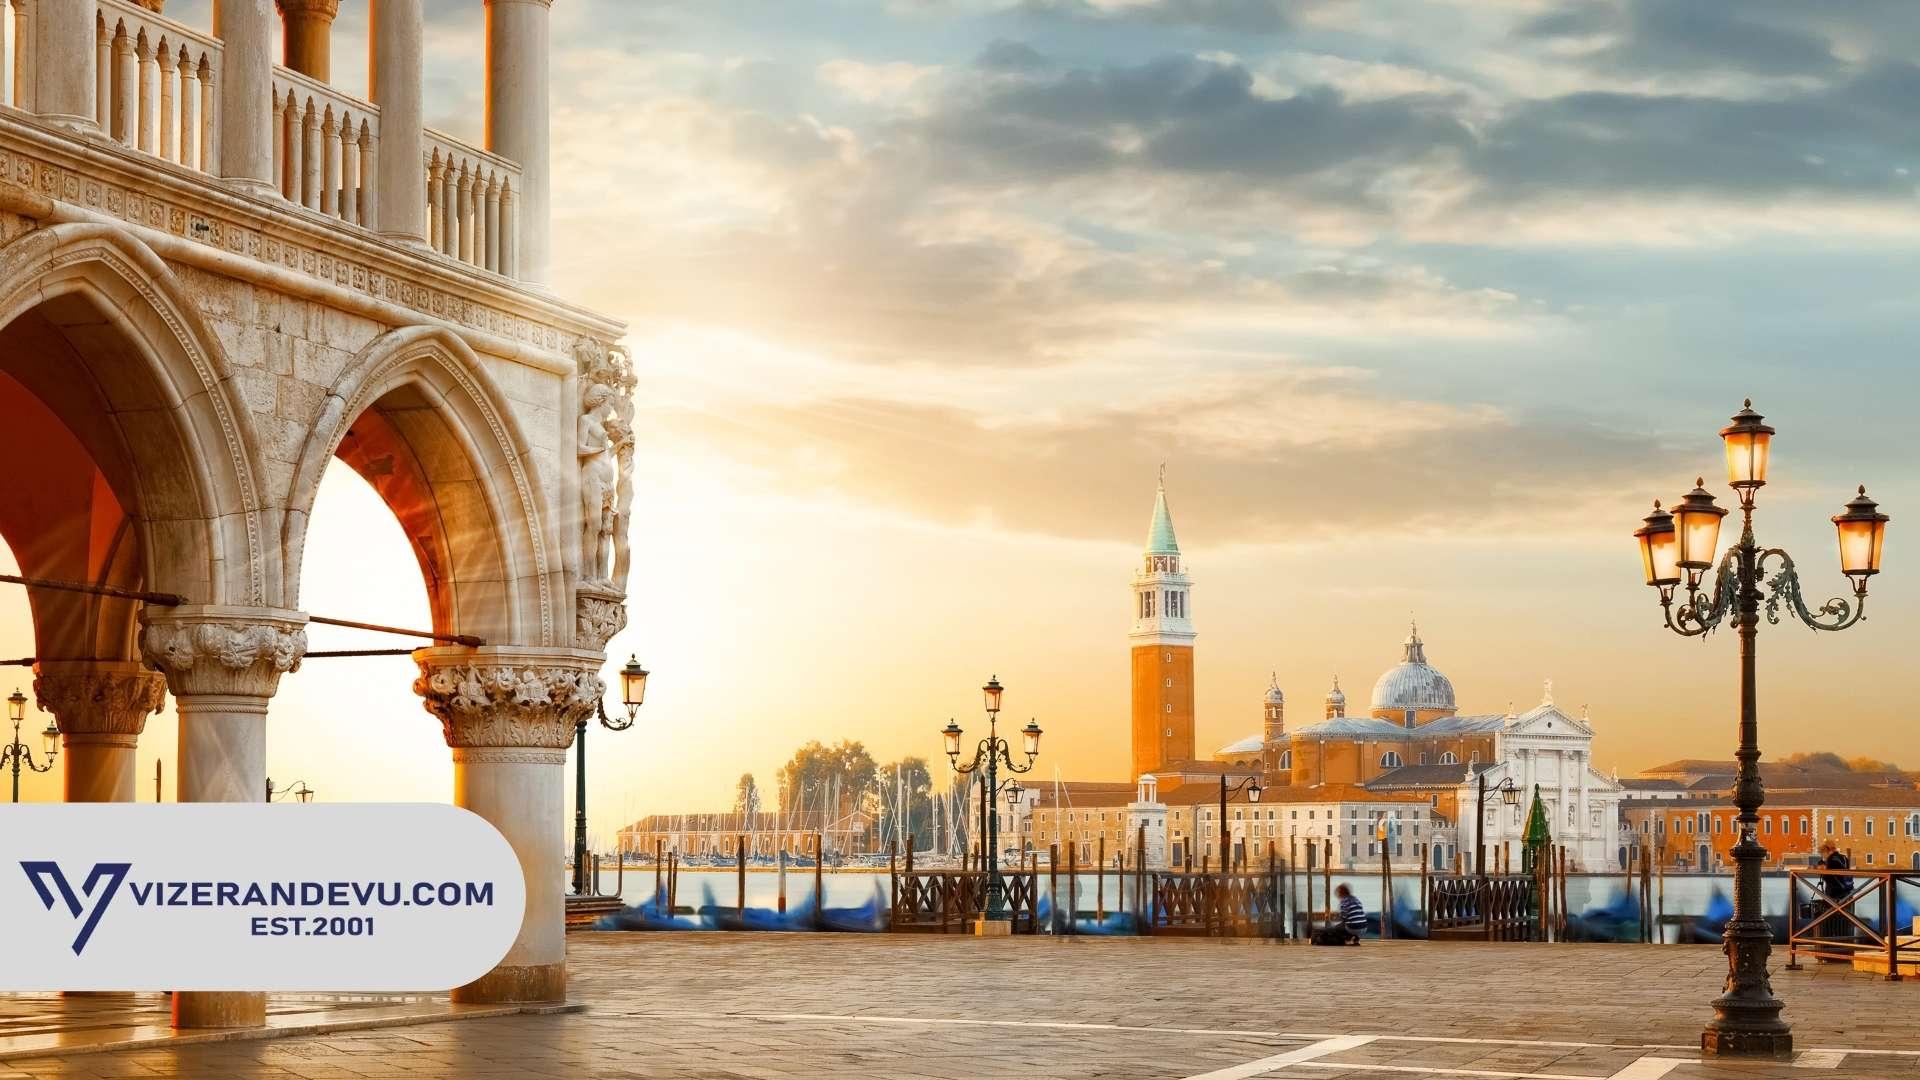 İtalya Çalışma Vizesi başvurumu desteklemek için hangi belgeleri sağlamam gerekiyor?